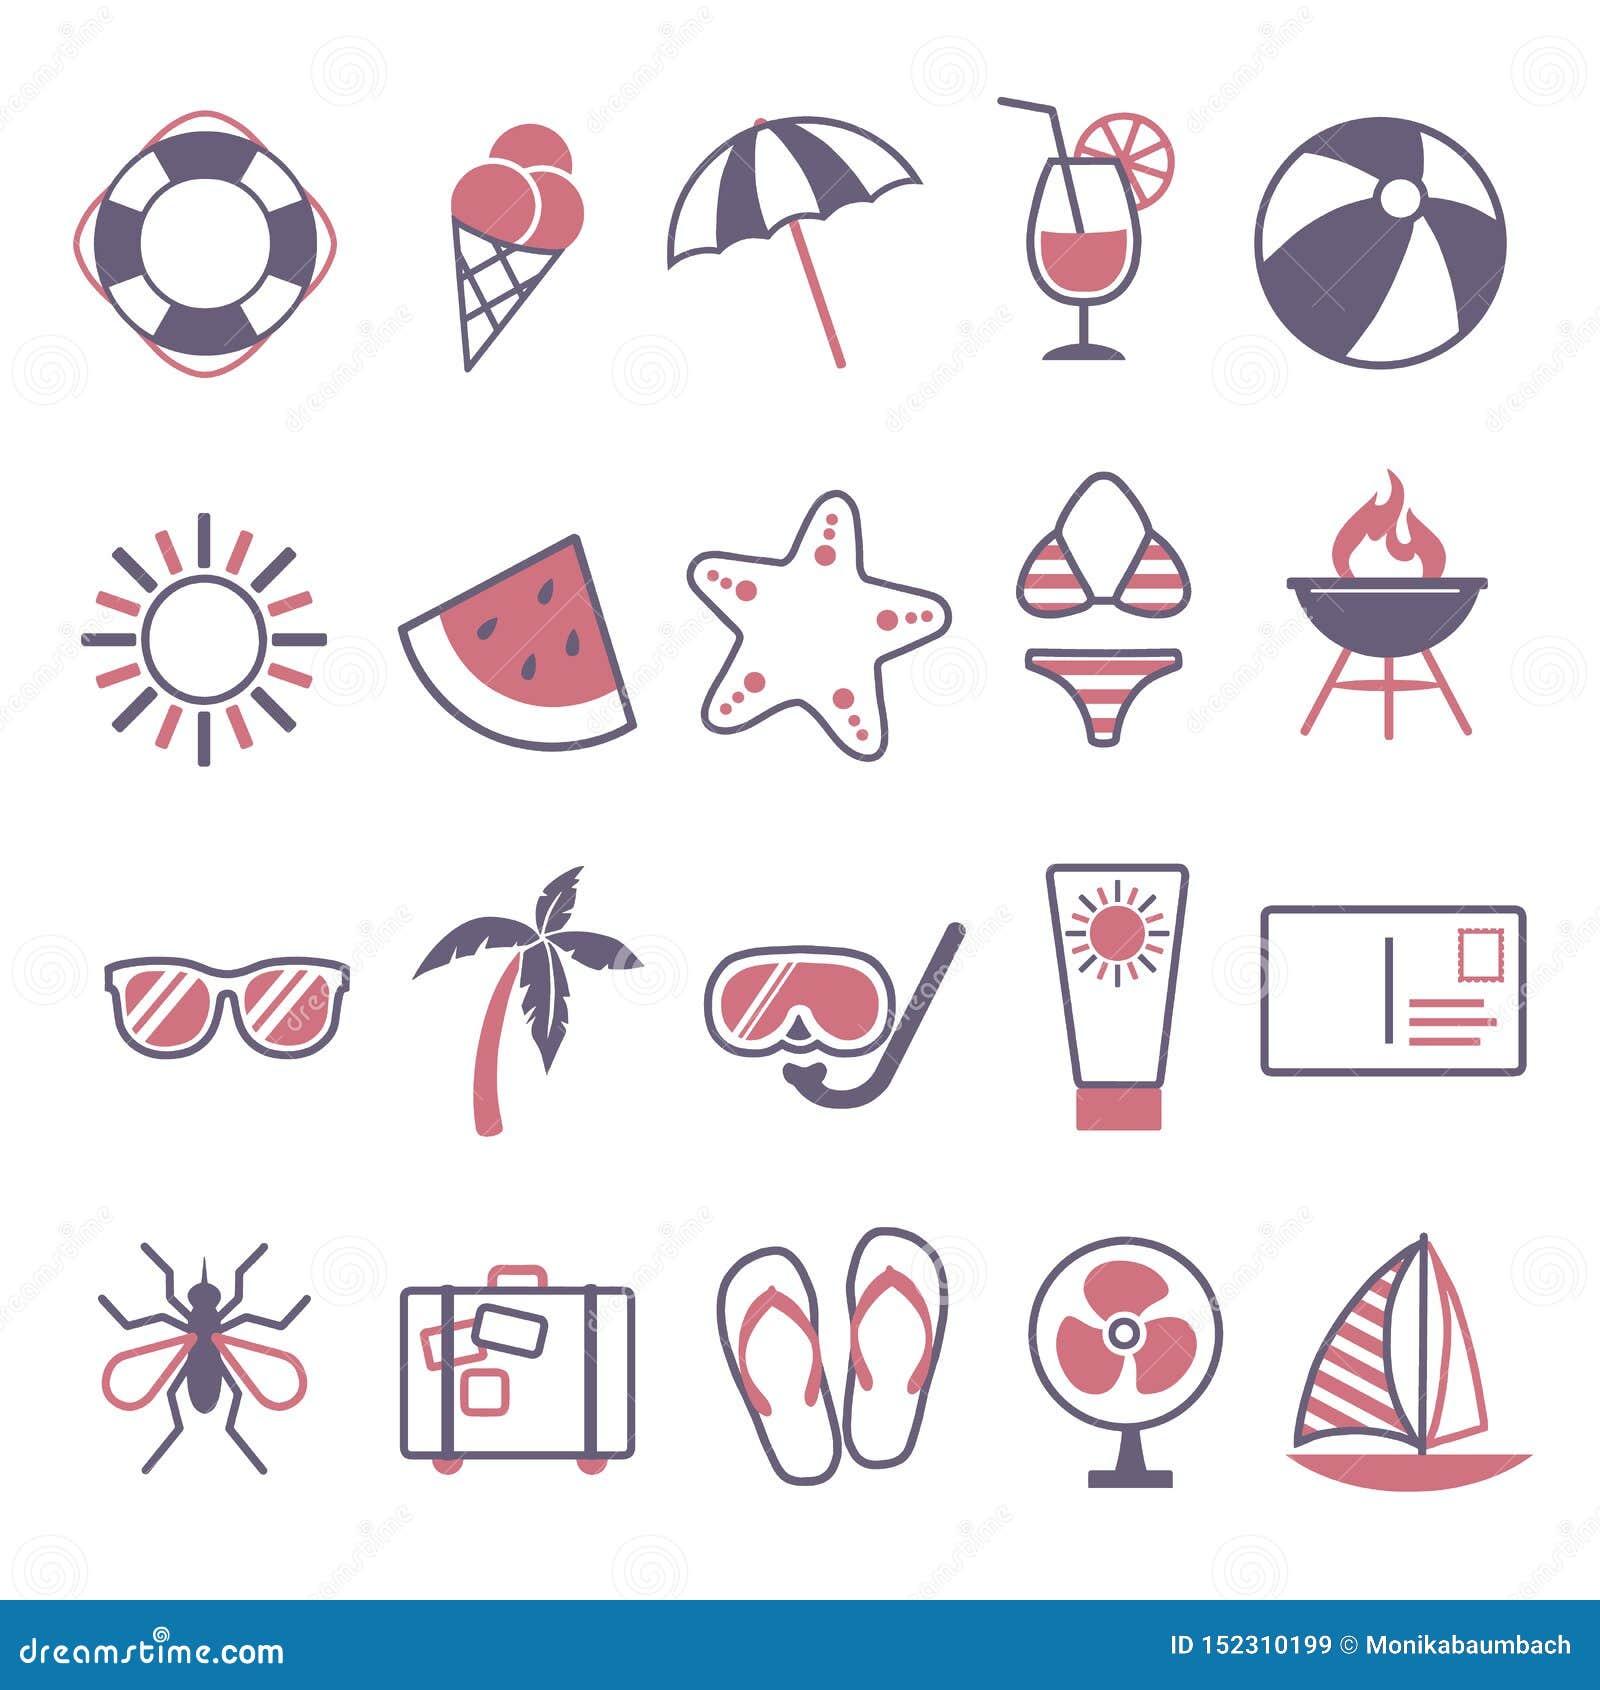 Vektorikone eingestellt für die Schaffung des infographics bezogen auf Sommer, Reise und Ferien, wie Cocktailgetränk, Wassermelon